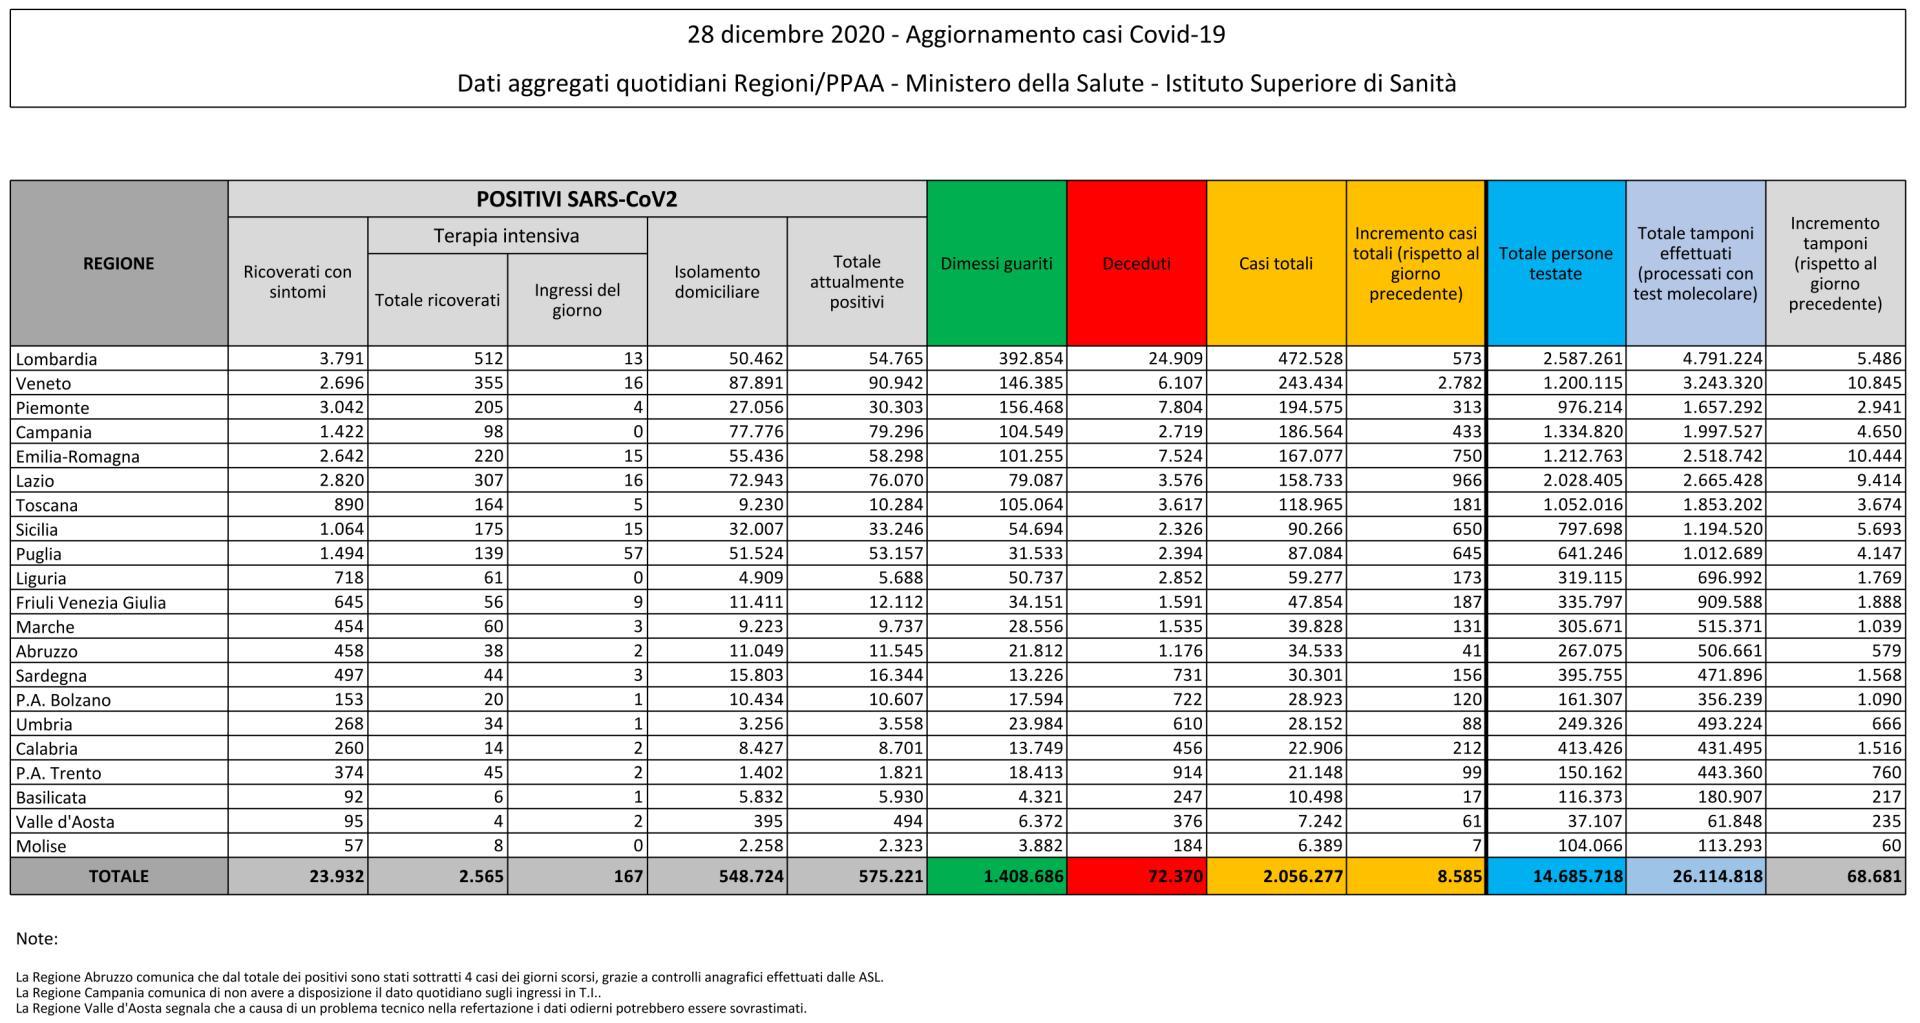 28 dicembre 2020 - Aggiornamento casi Covid-19 Dati aggregati quotidiani Regioni/PPAA - Ministero della Salute - Istituto Superiore di Sanità